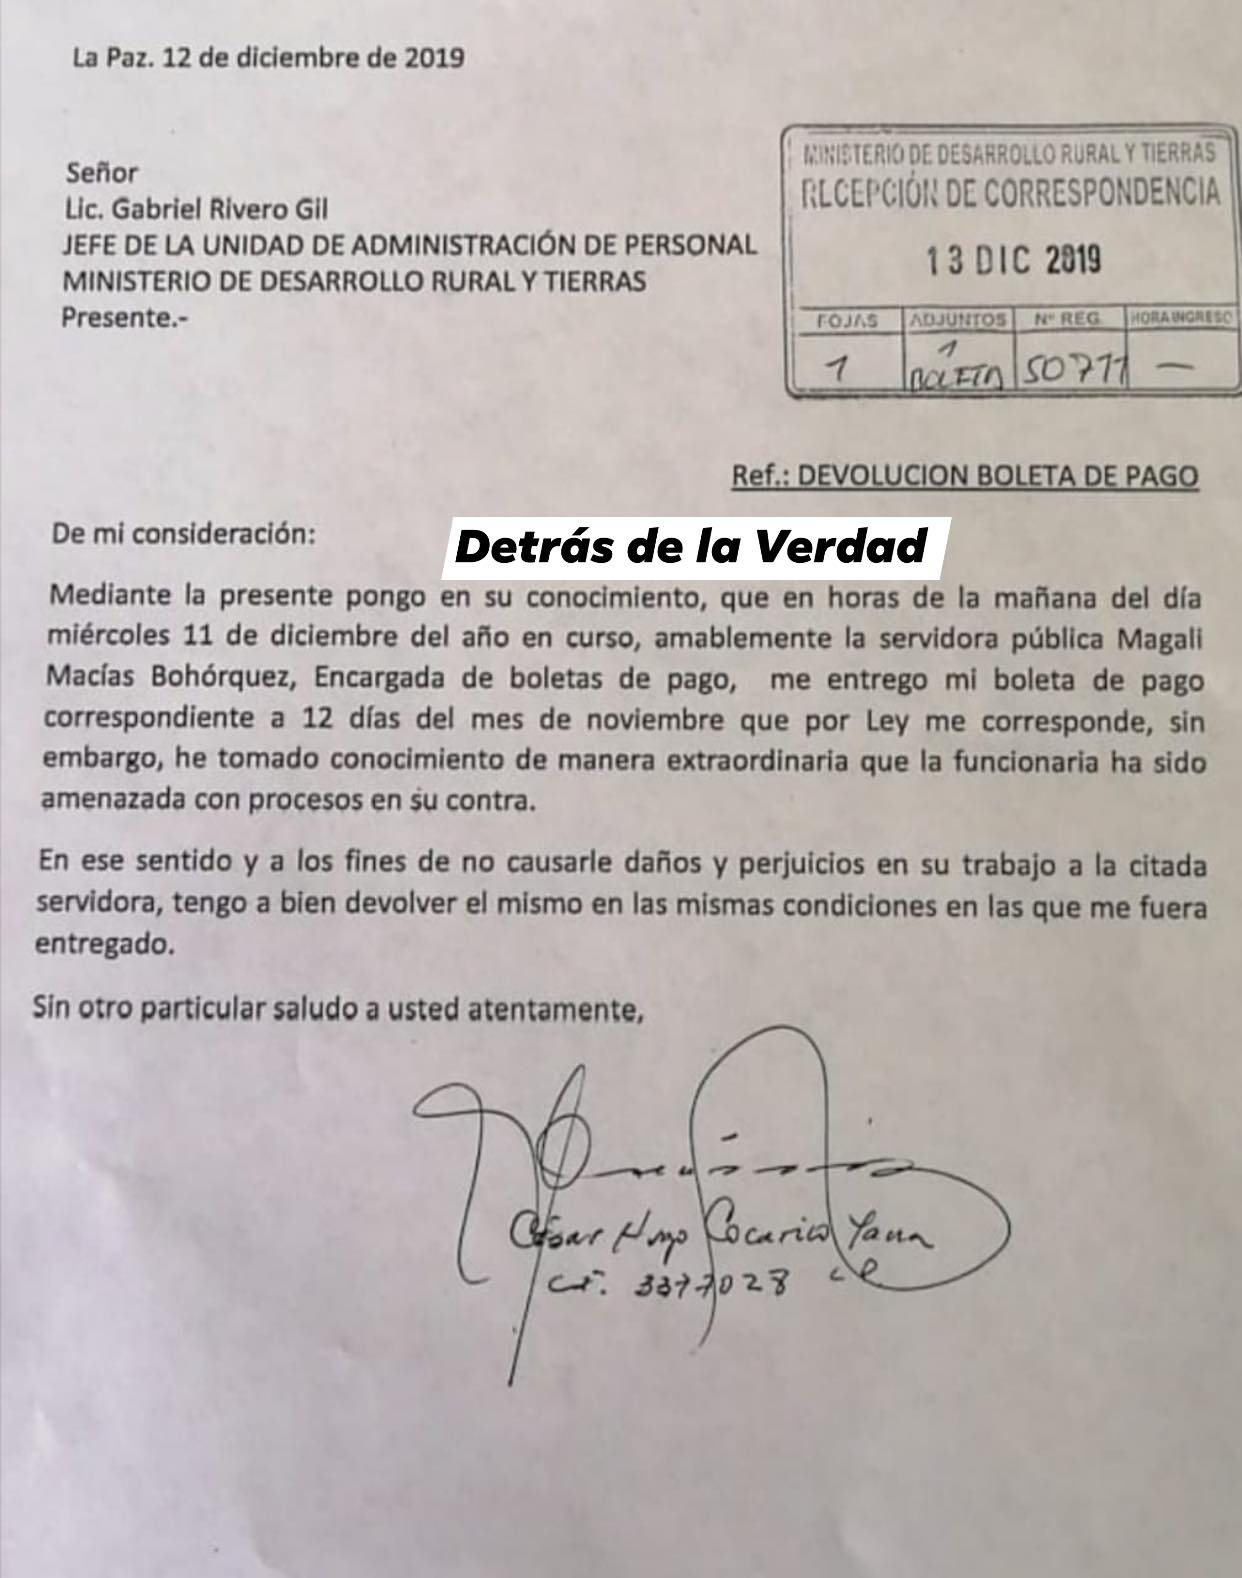 César Cocarico devuelve boleta de pago y pide no procesar a funcionaria de ministerio